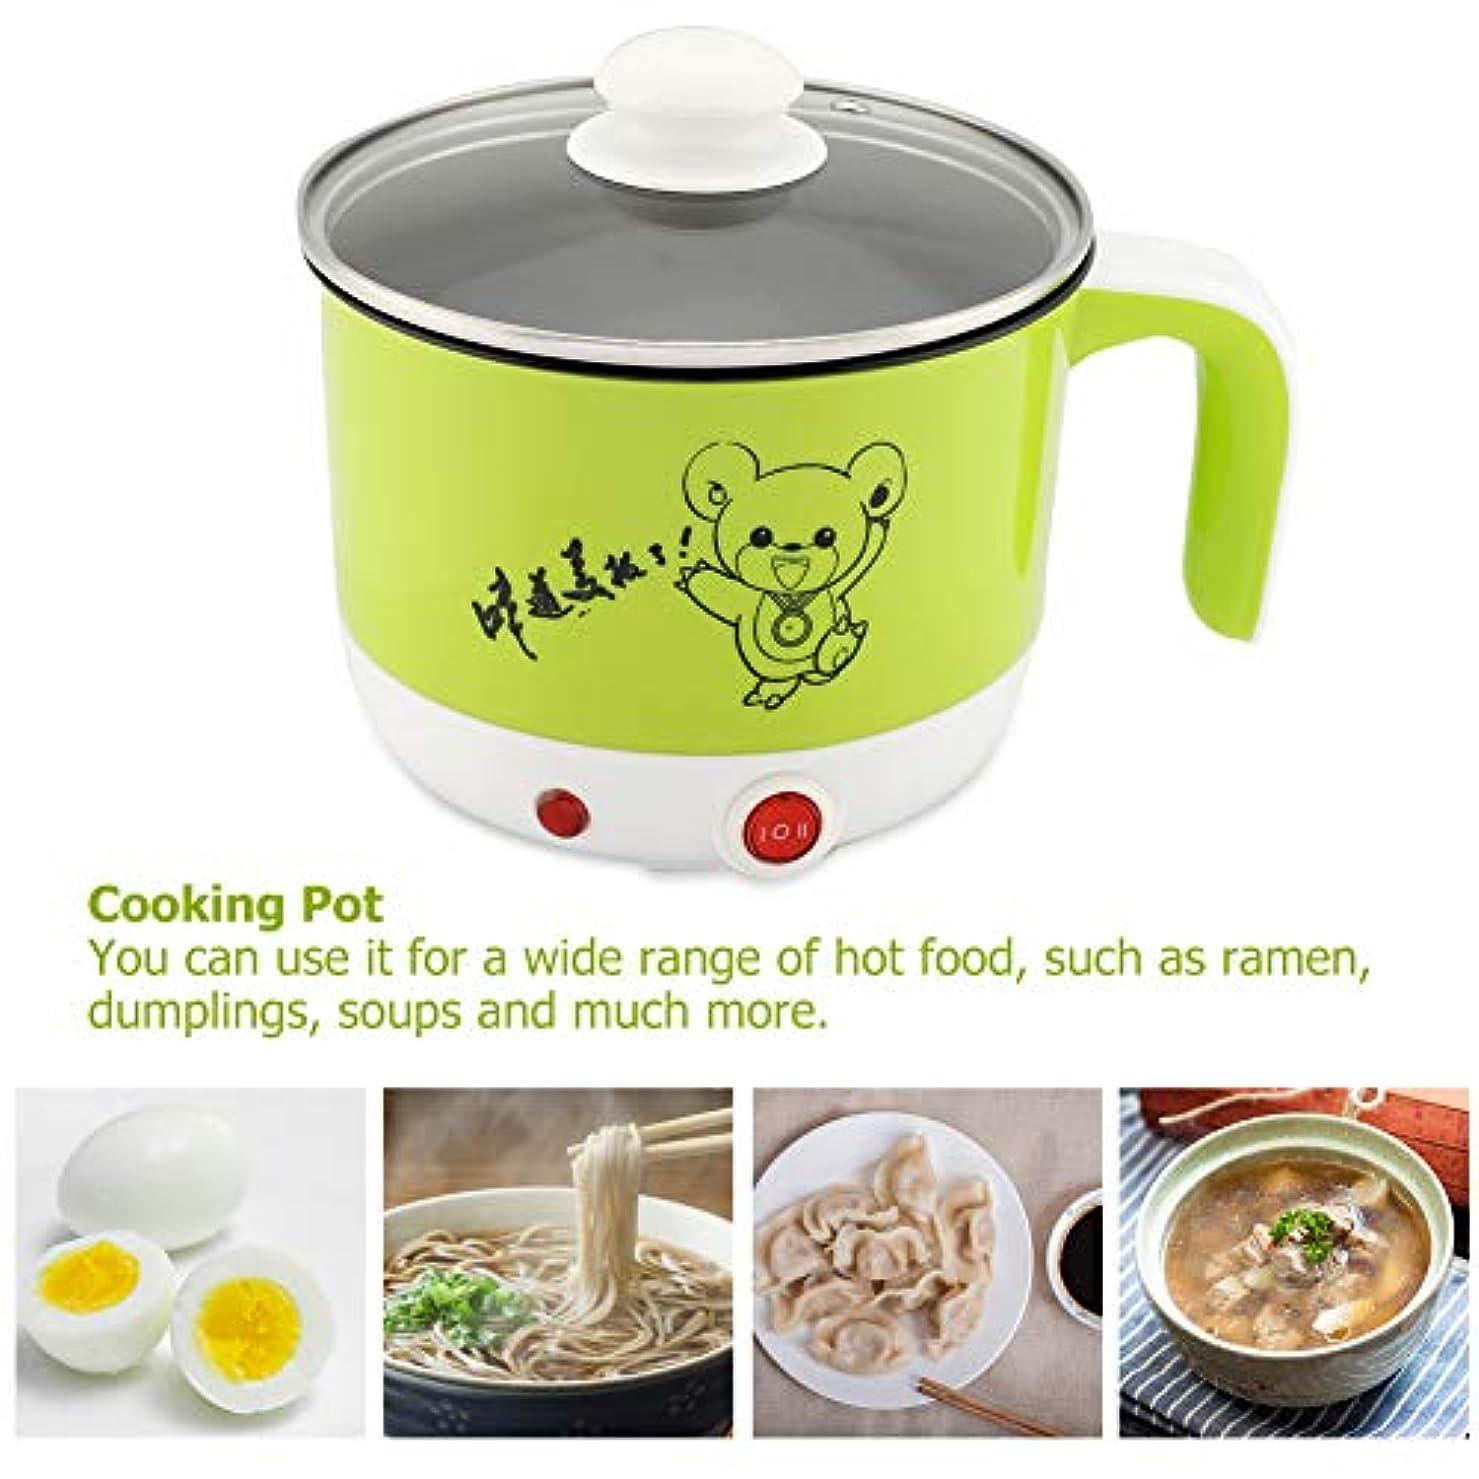 ピッチ離す蜜電気ミニ調理鍋、1.8L 450W安全調理鍋、学生用(Mint Green)